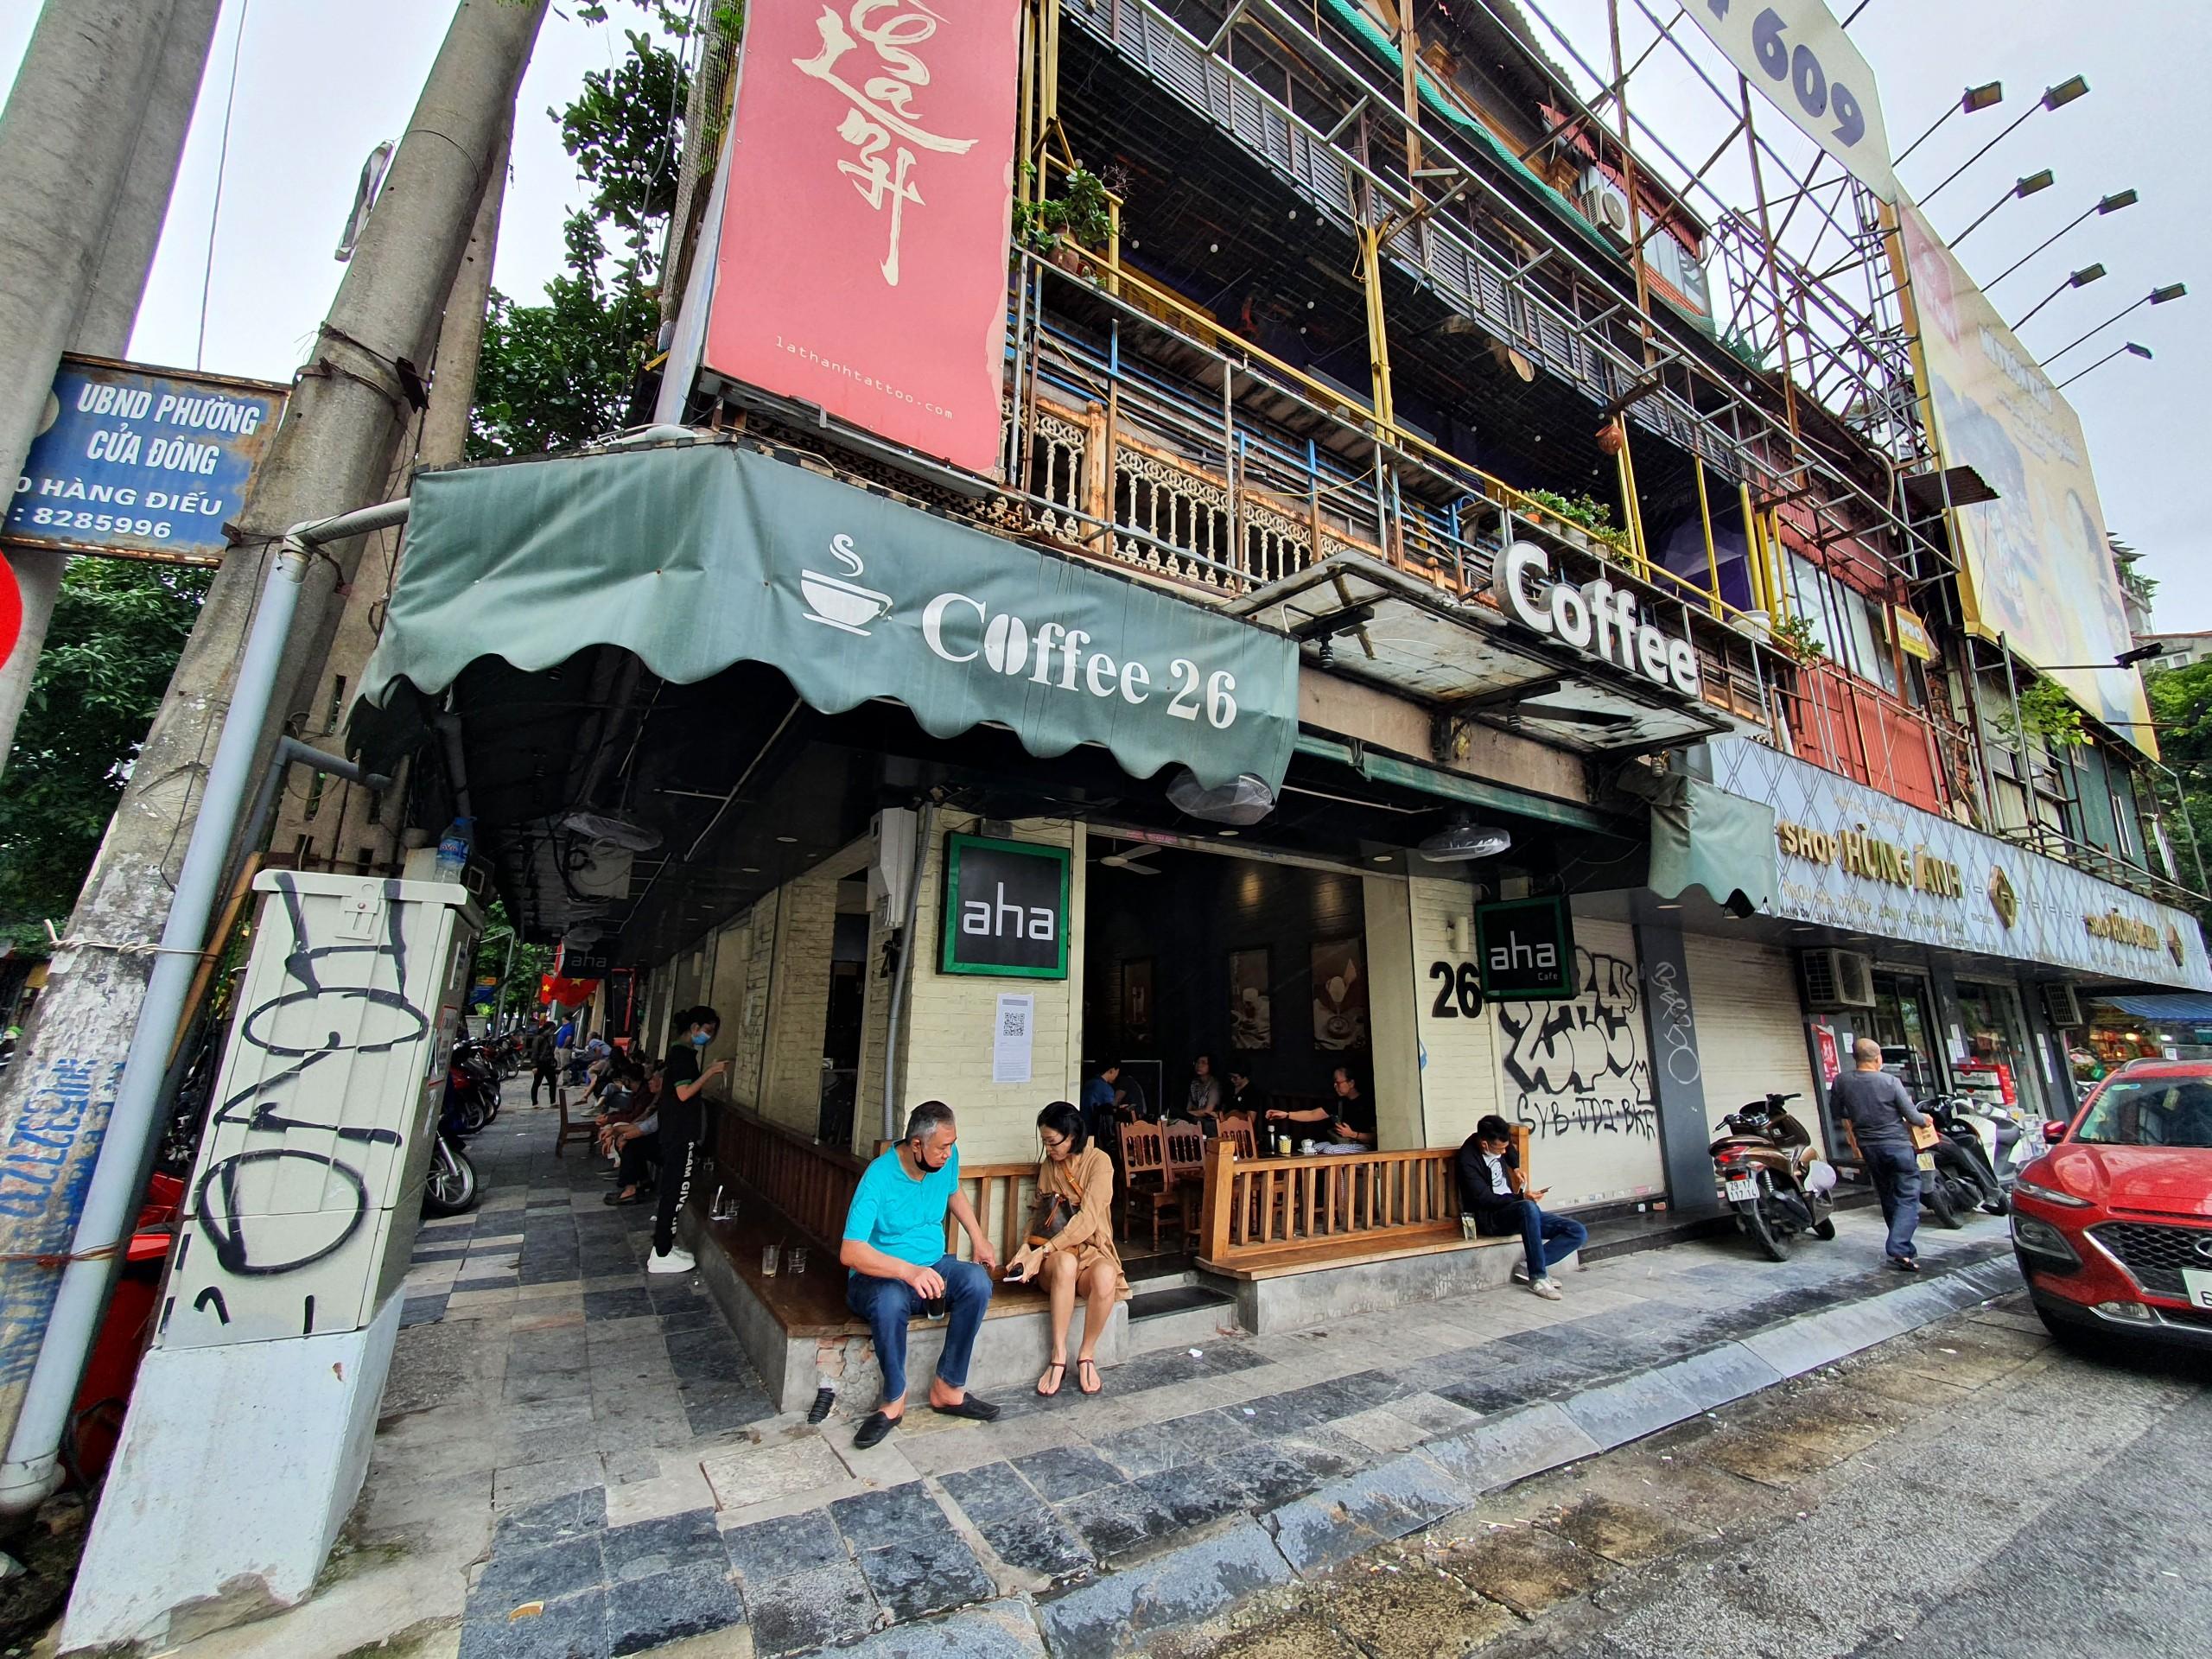 Bắt đầu từ 6h sáng nay, 14/10, TP Hà Nội cho phép nhà hàng, cơ sở kinh doanh dịch vụ ăn, uống (trừ các cơ sở kinh doanh rượu, bia, bia hơi) được phép kinh doanh, phục vụ tại chỗ,không quá 50%chỗ ngồi.